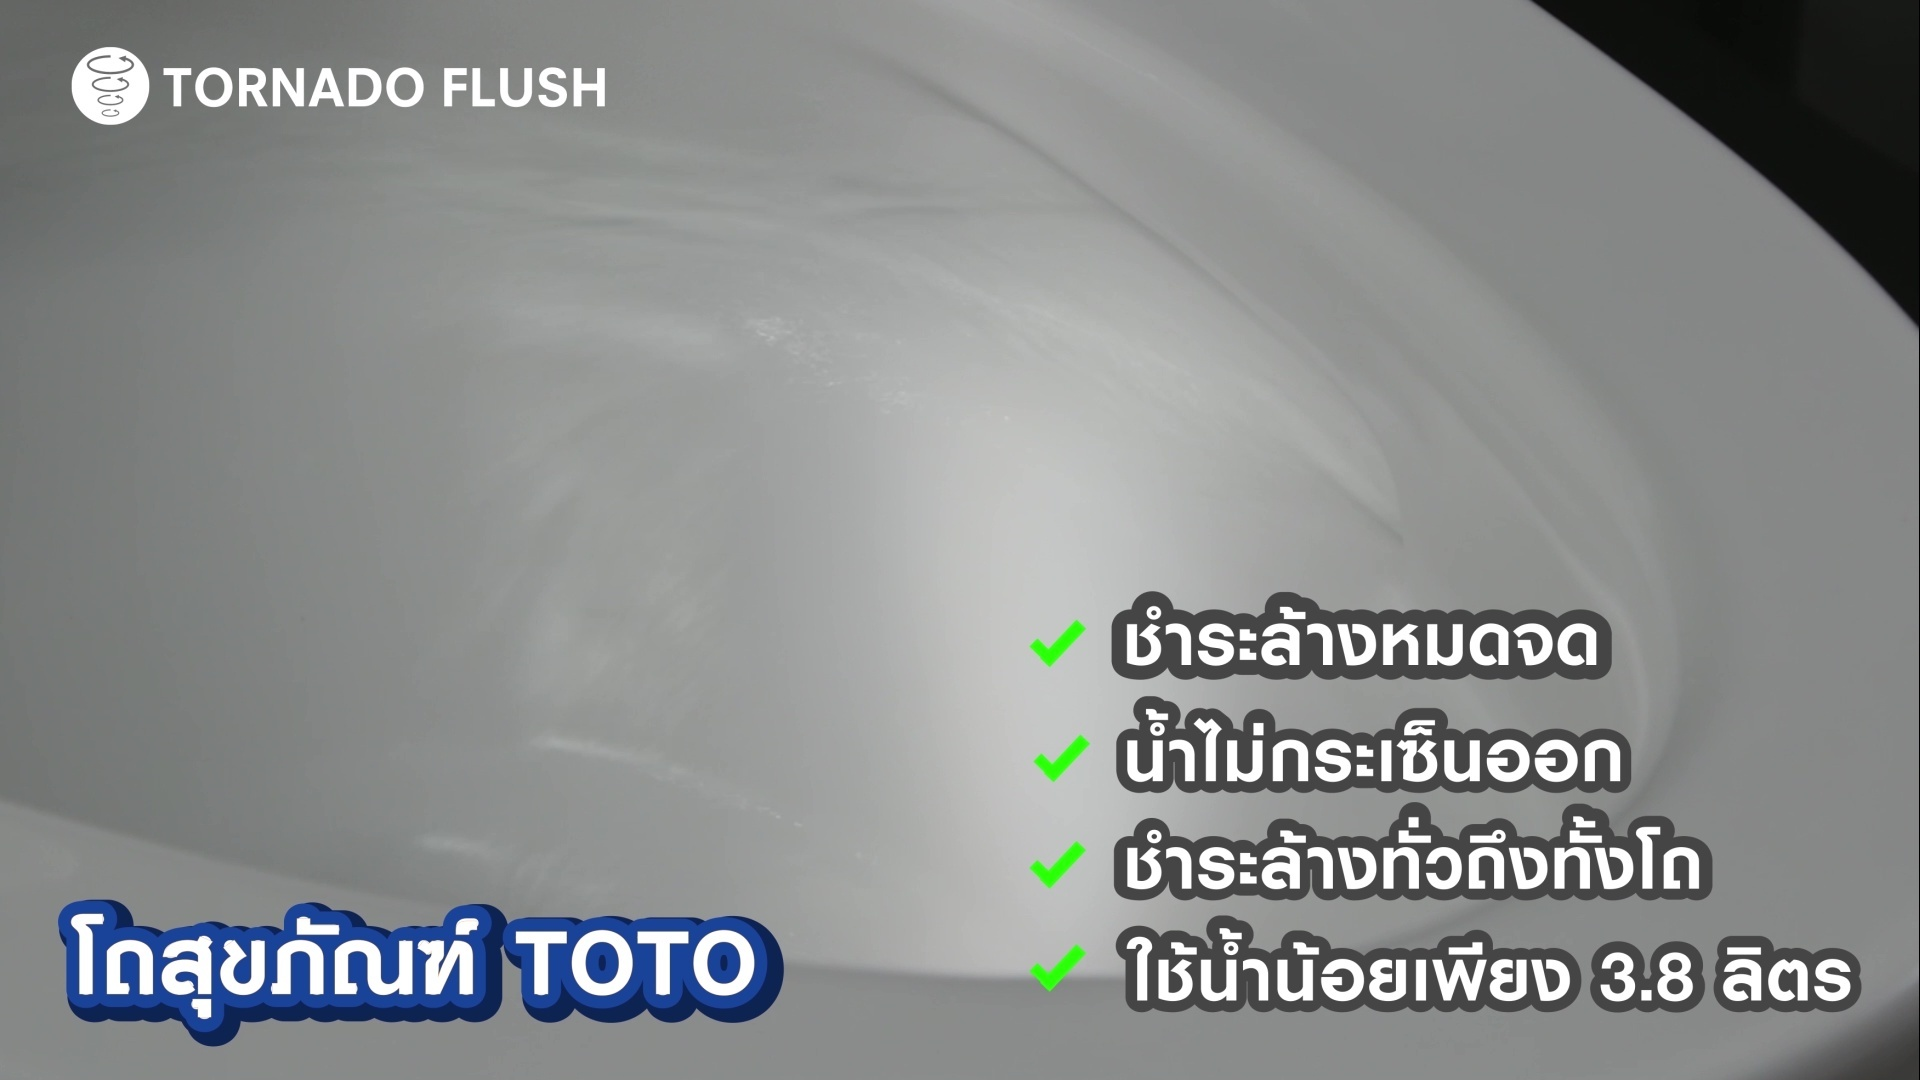 เทคโนโลยี TORNADO FLUSH จาก TOTO